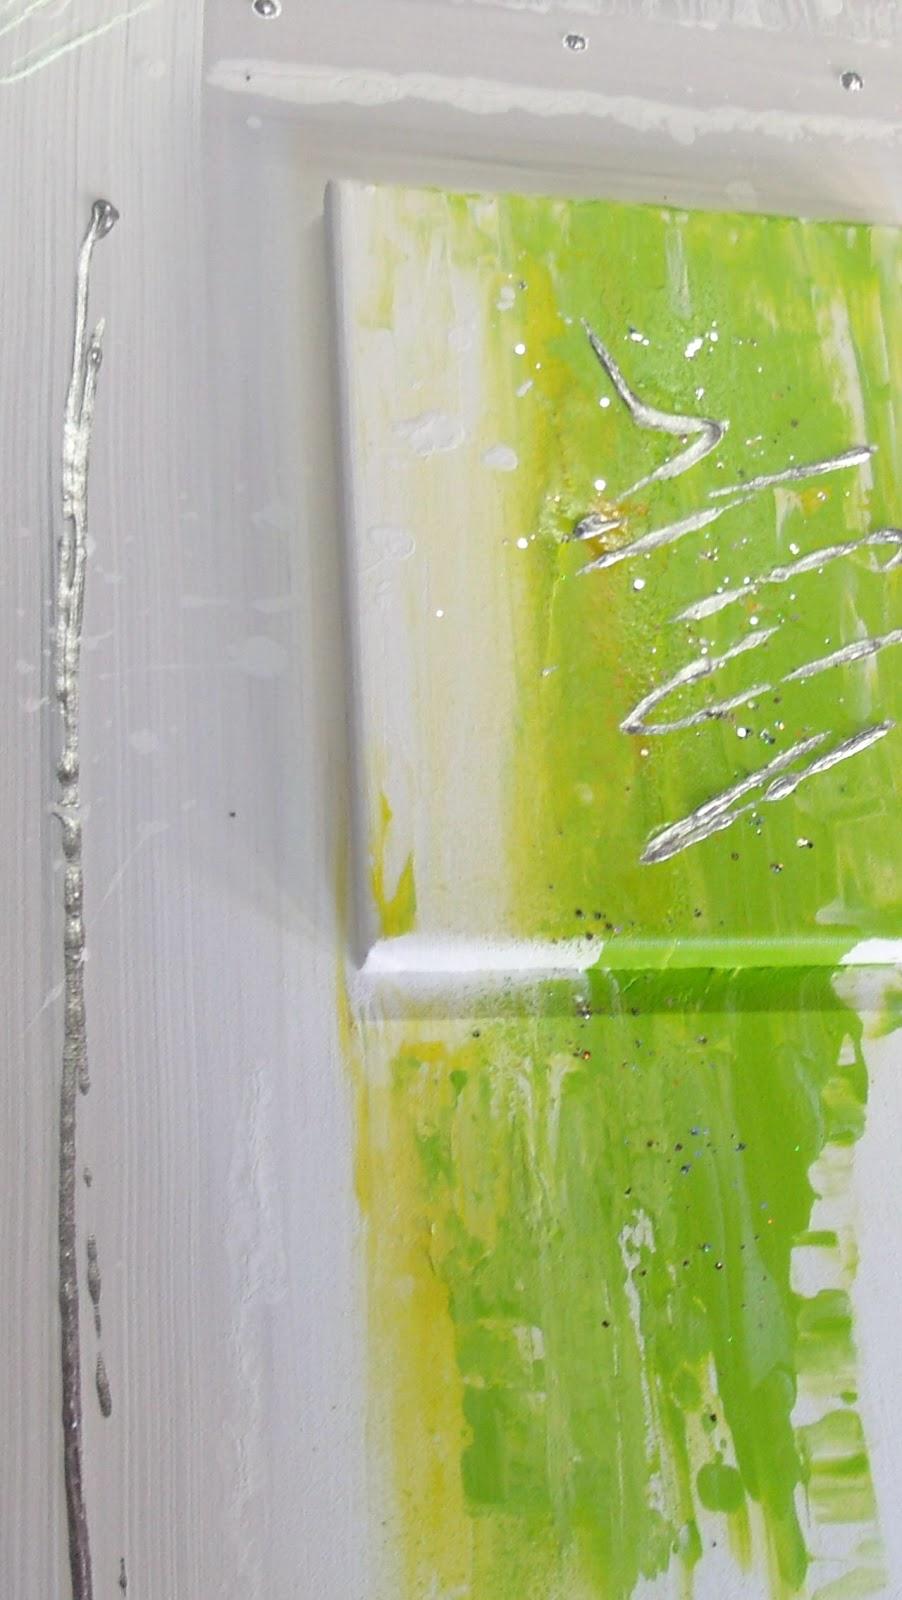 Tableaux Abstrait New Design Vert Anis Composer De 2 Chassis Entoiles  Peintures Abstraites Pour Une Deco Murale Moderne